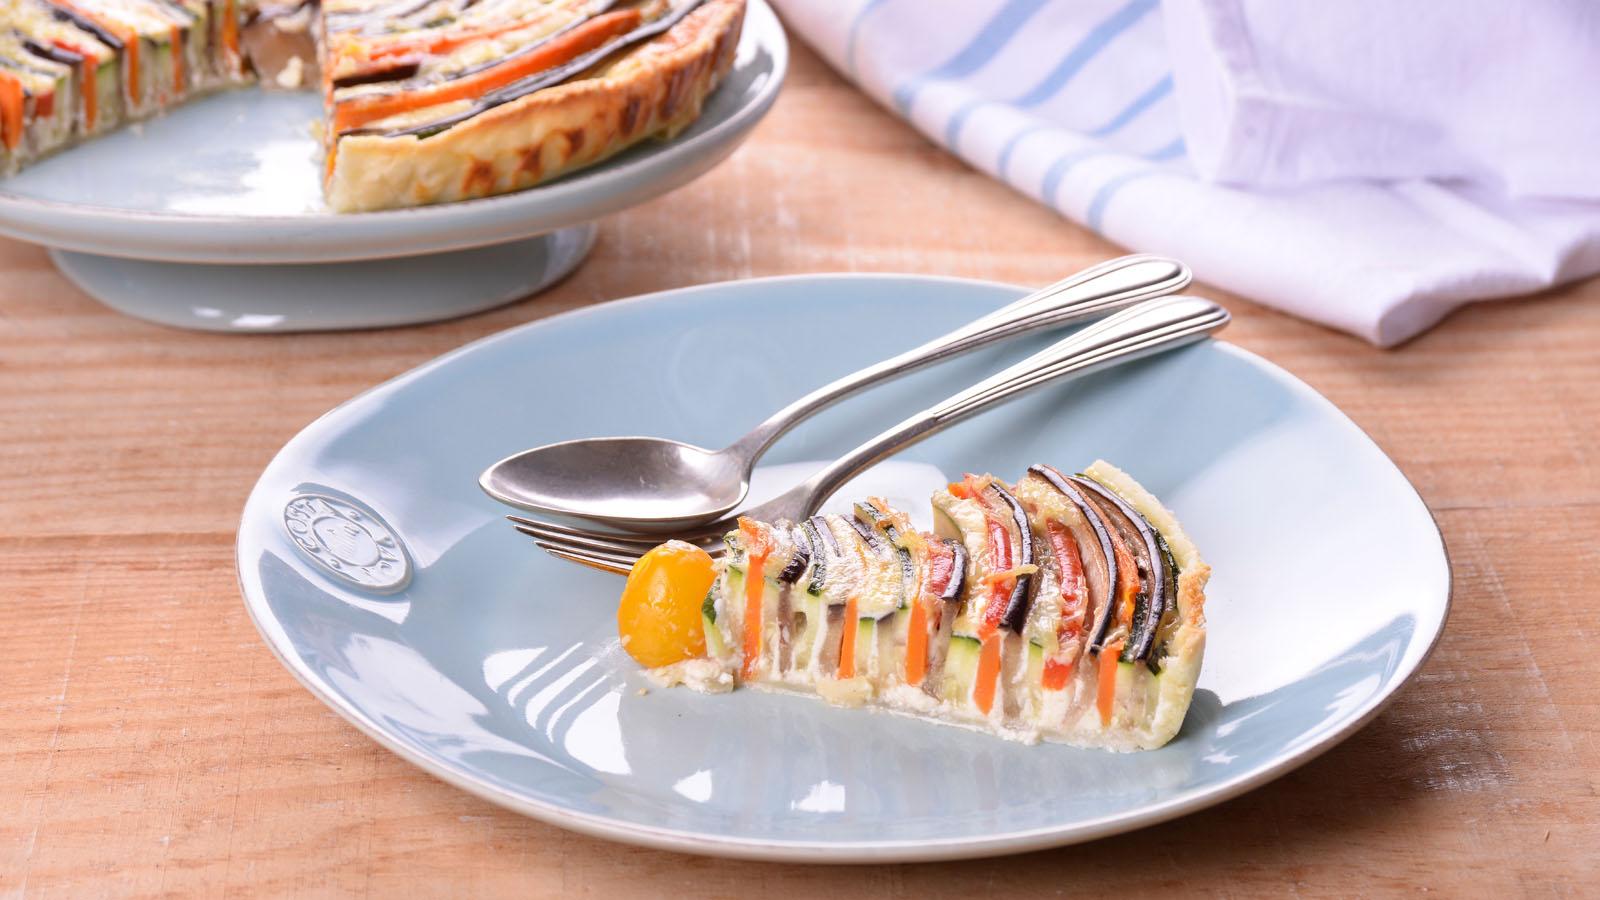 Tarta caleidoscopio de verduras elena aymerich receta for Canal cocina cocina de familia